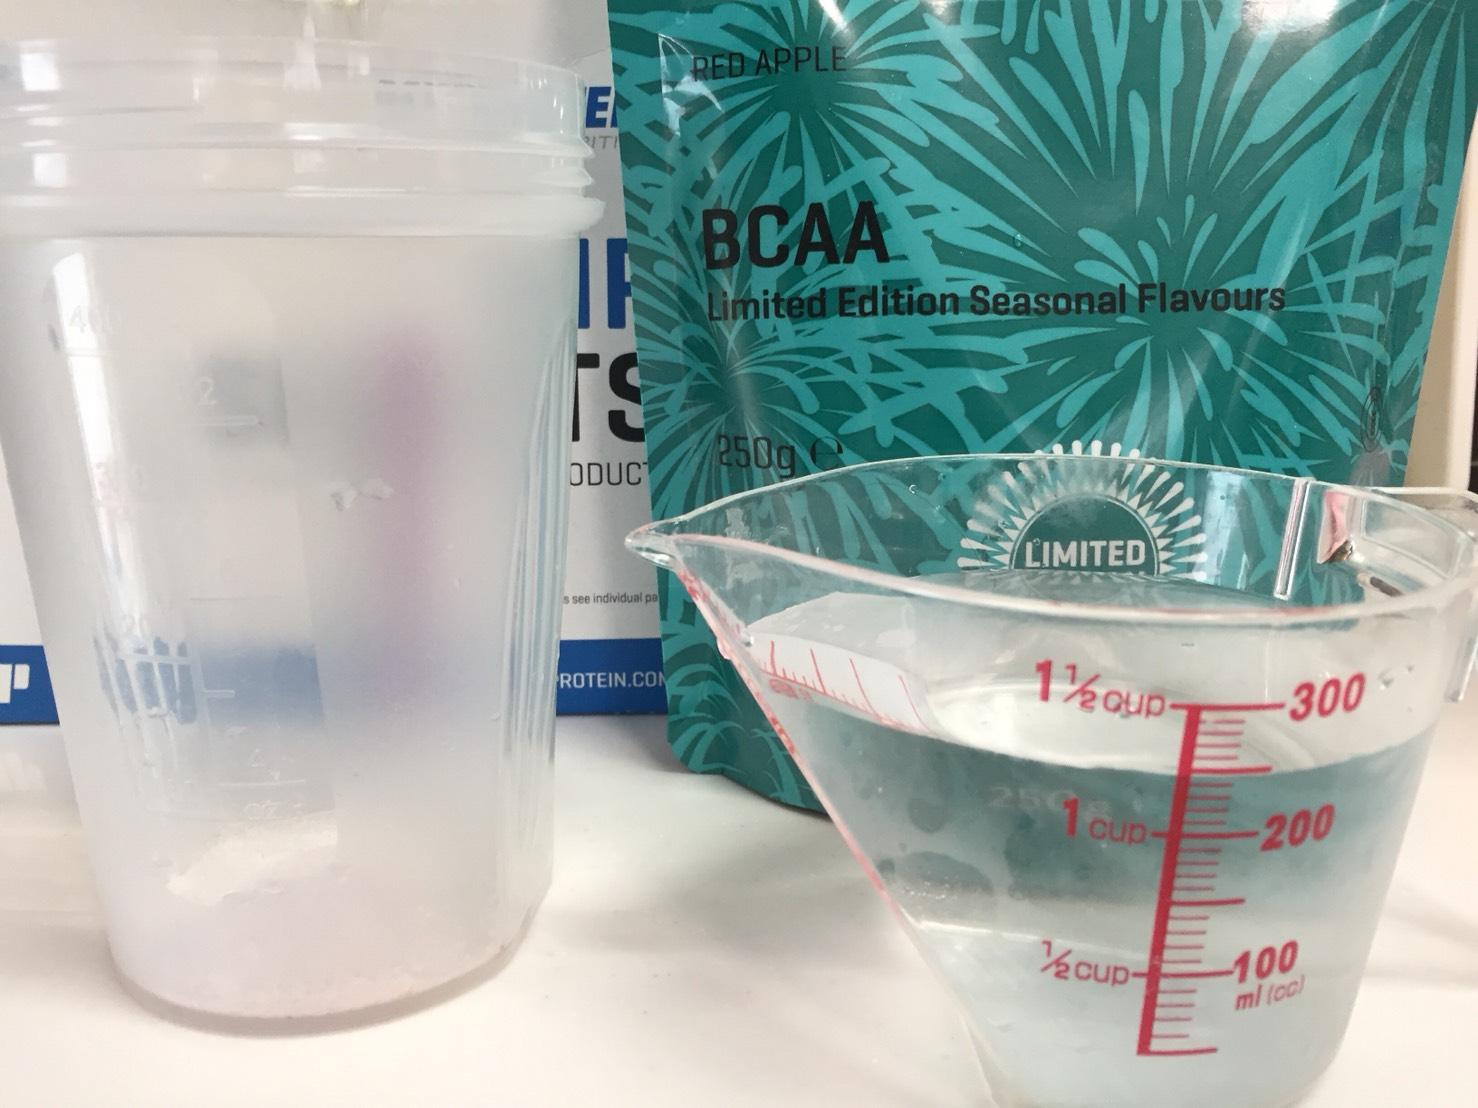 BCAAサマーフレーバー「RED APPLE(レッドアップル味)」を250mlの水に溶かします。